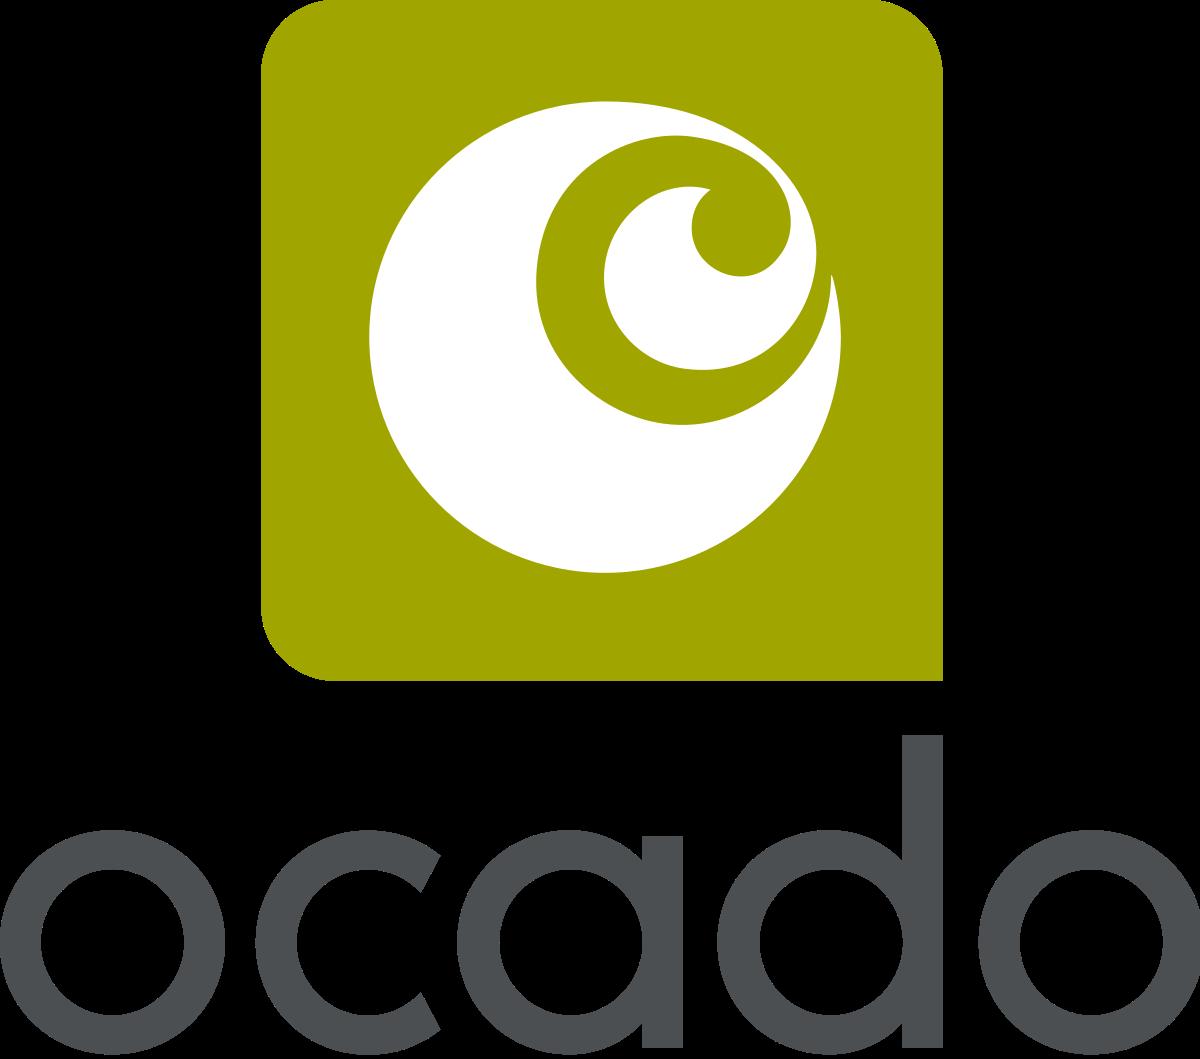 ocado.com